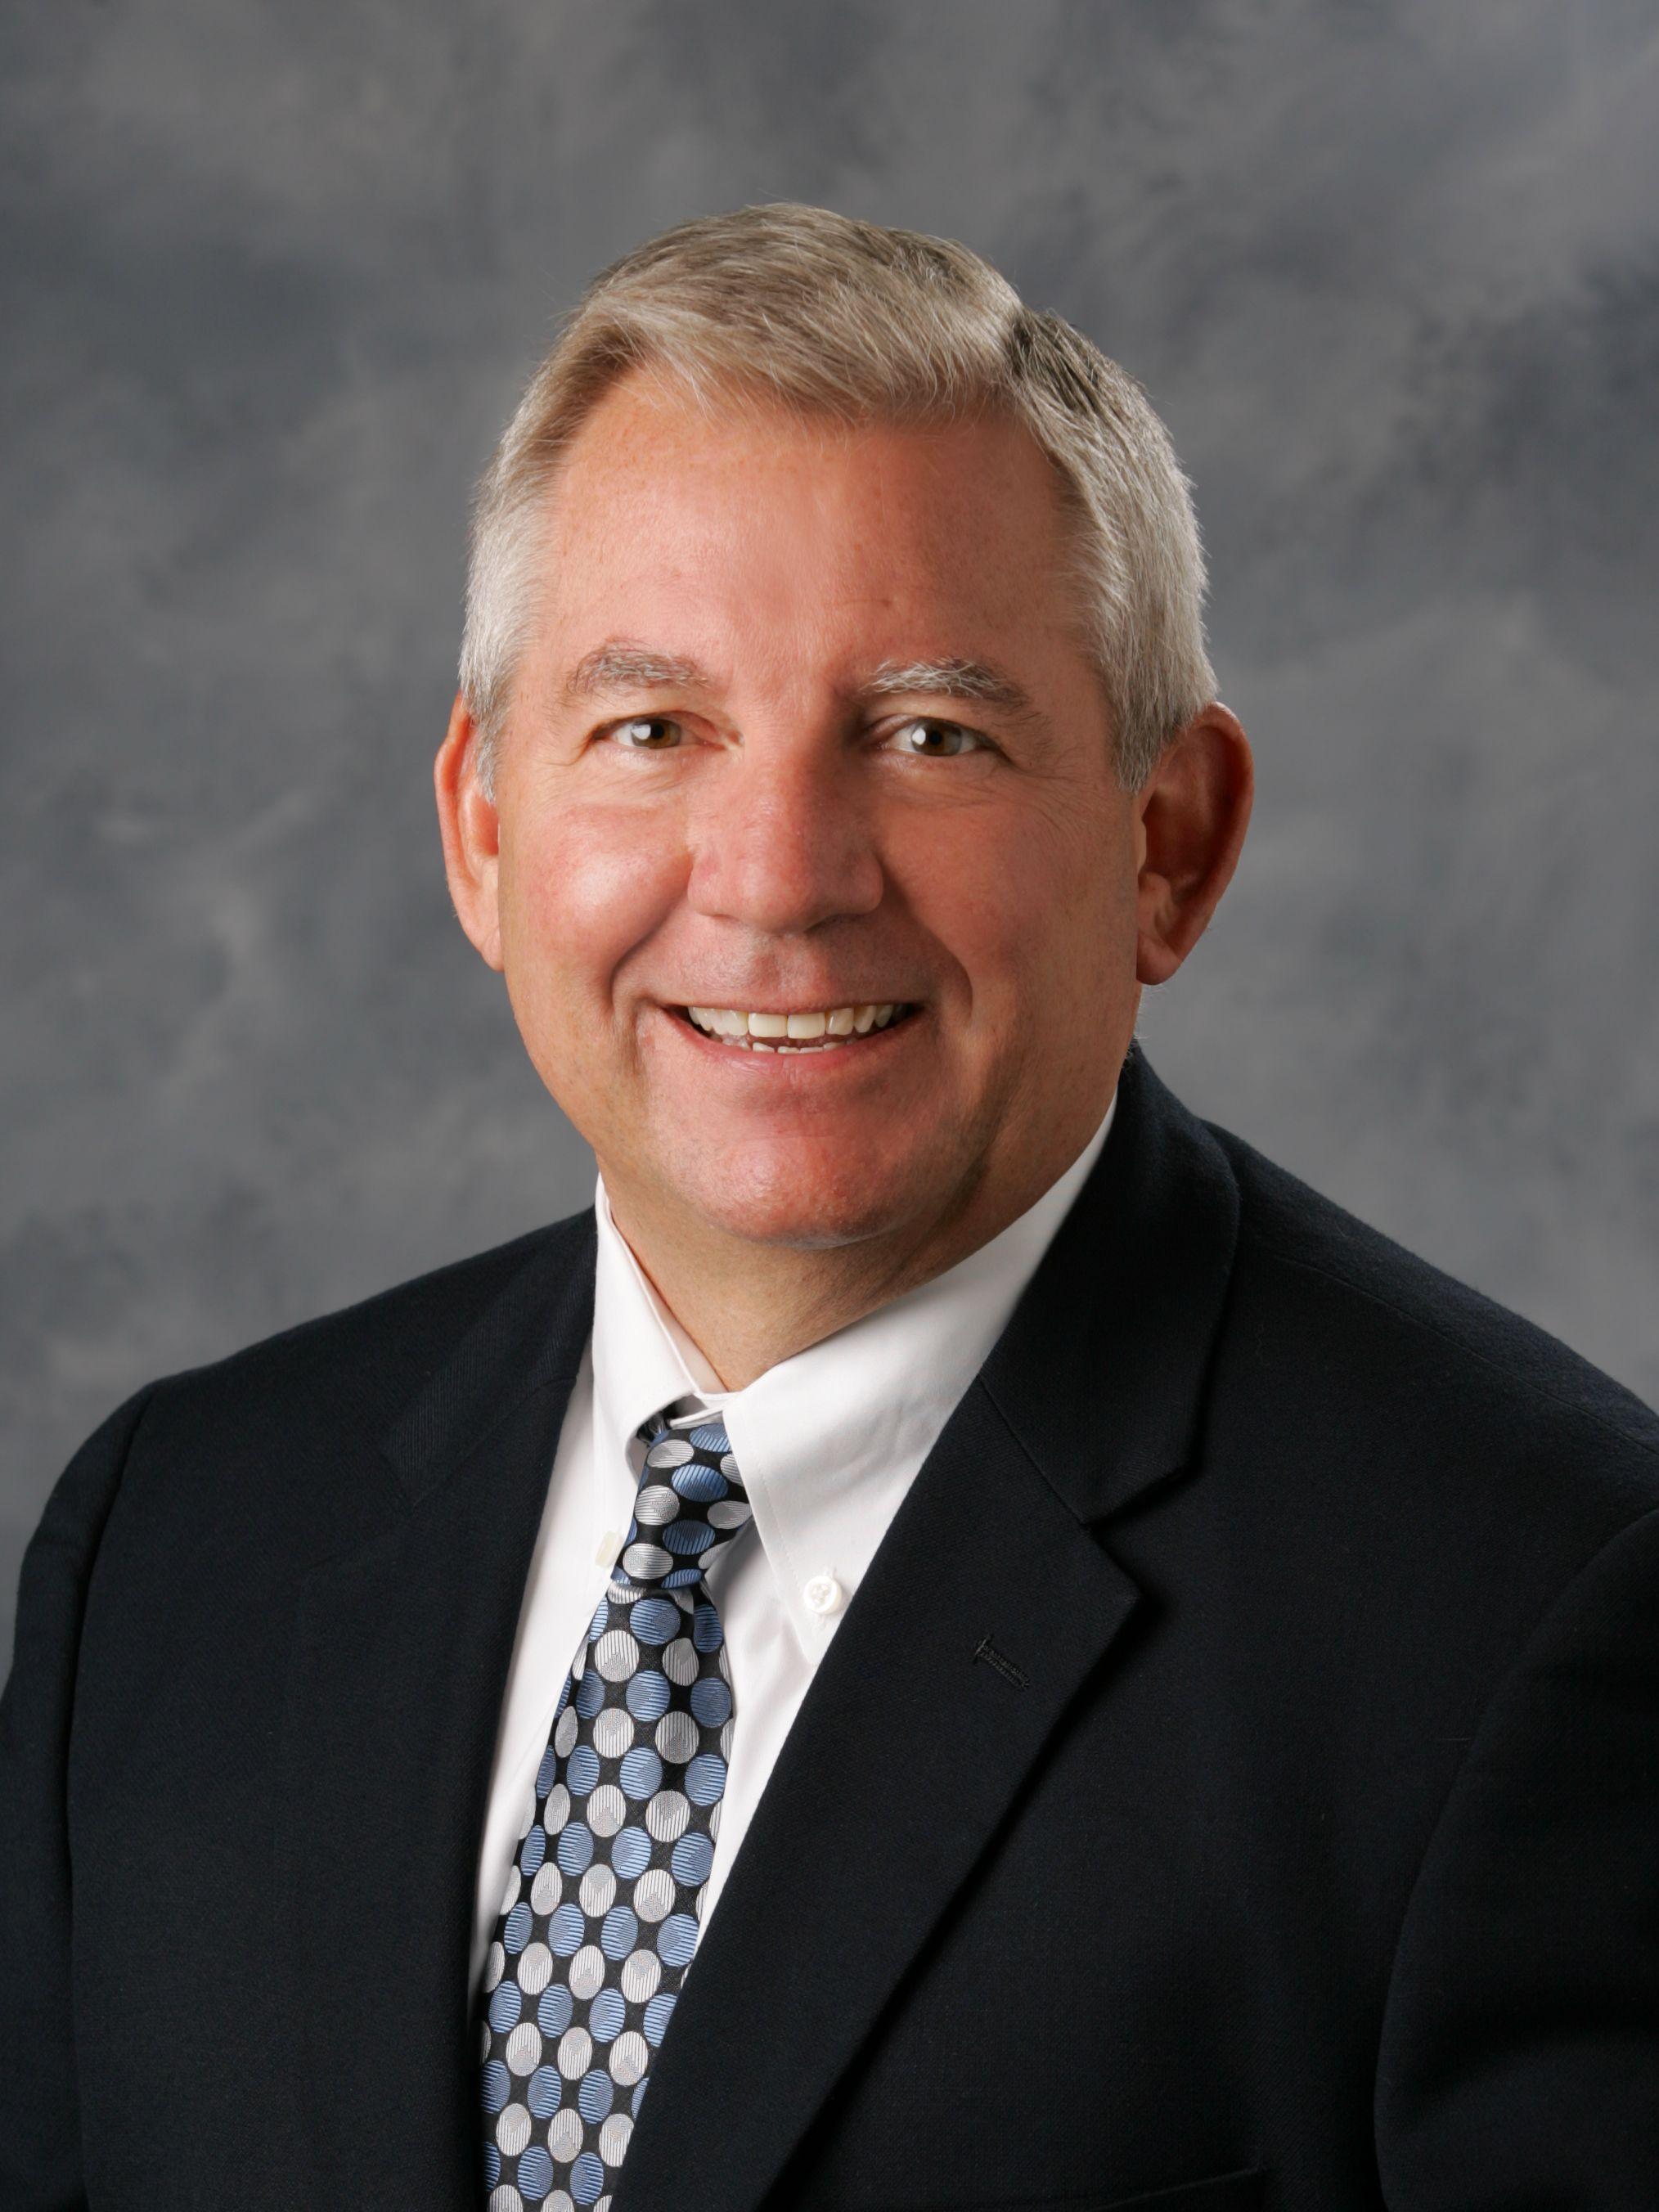 Robert W. Dazel, AIA, LEED GA